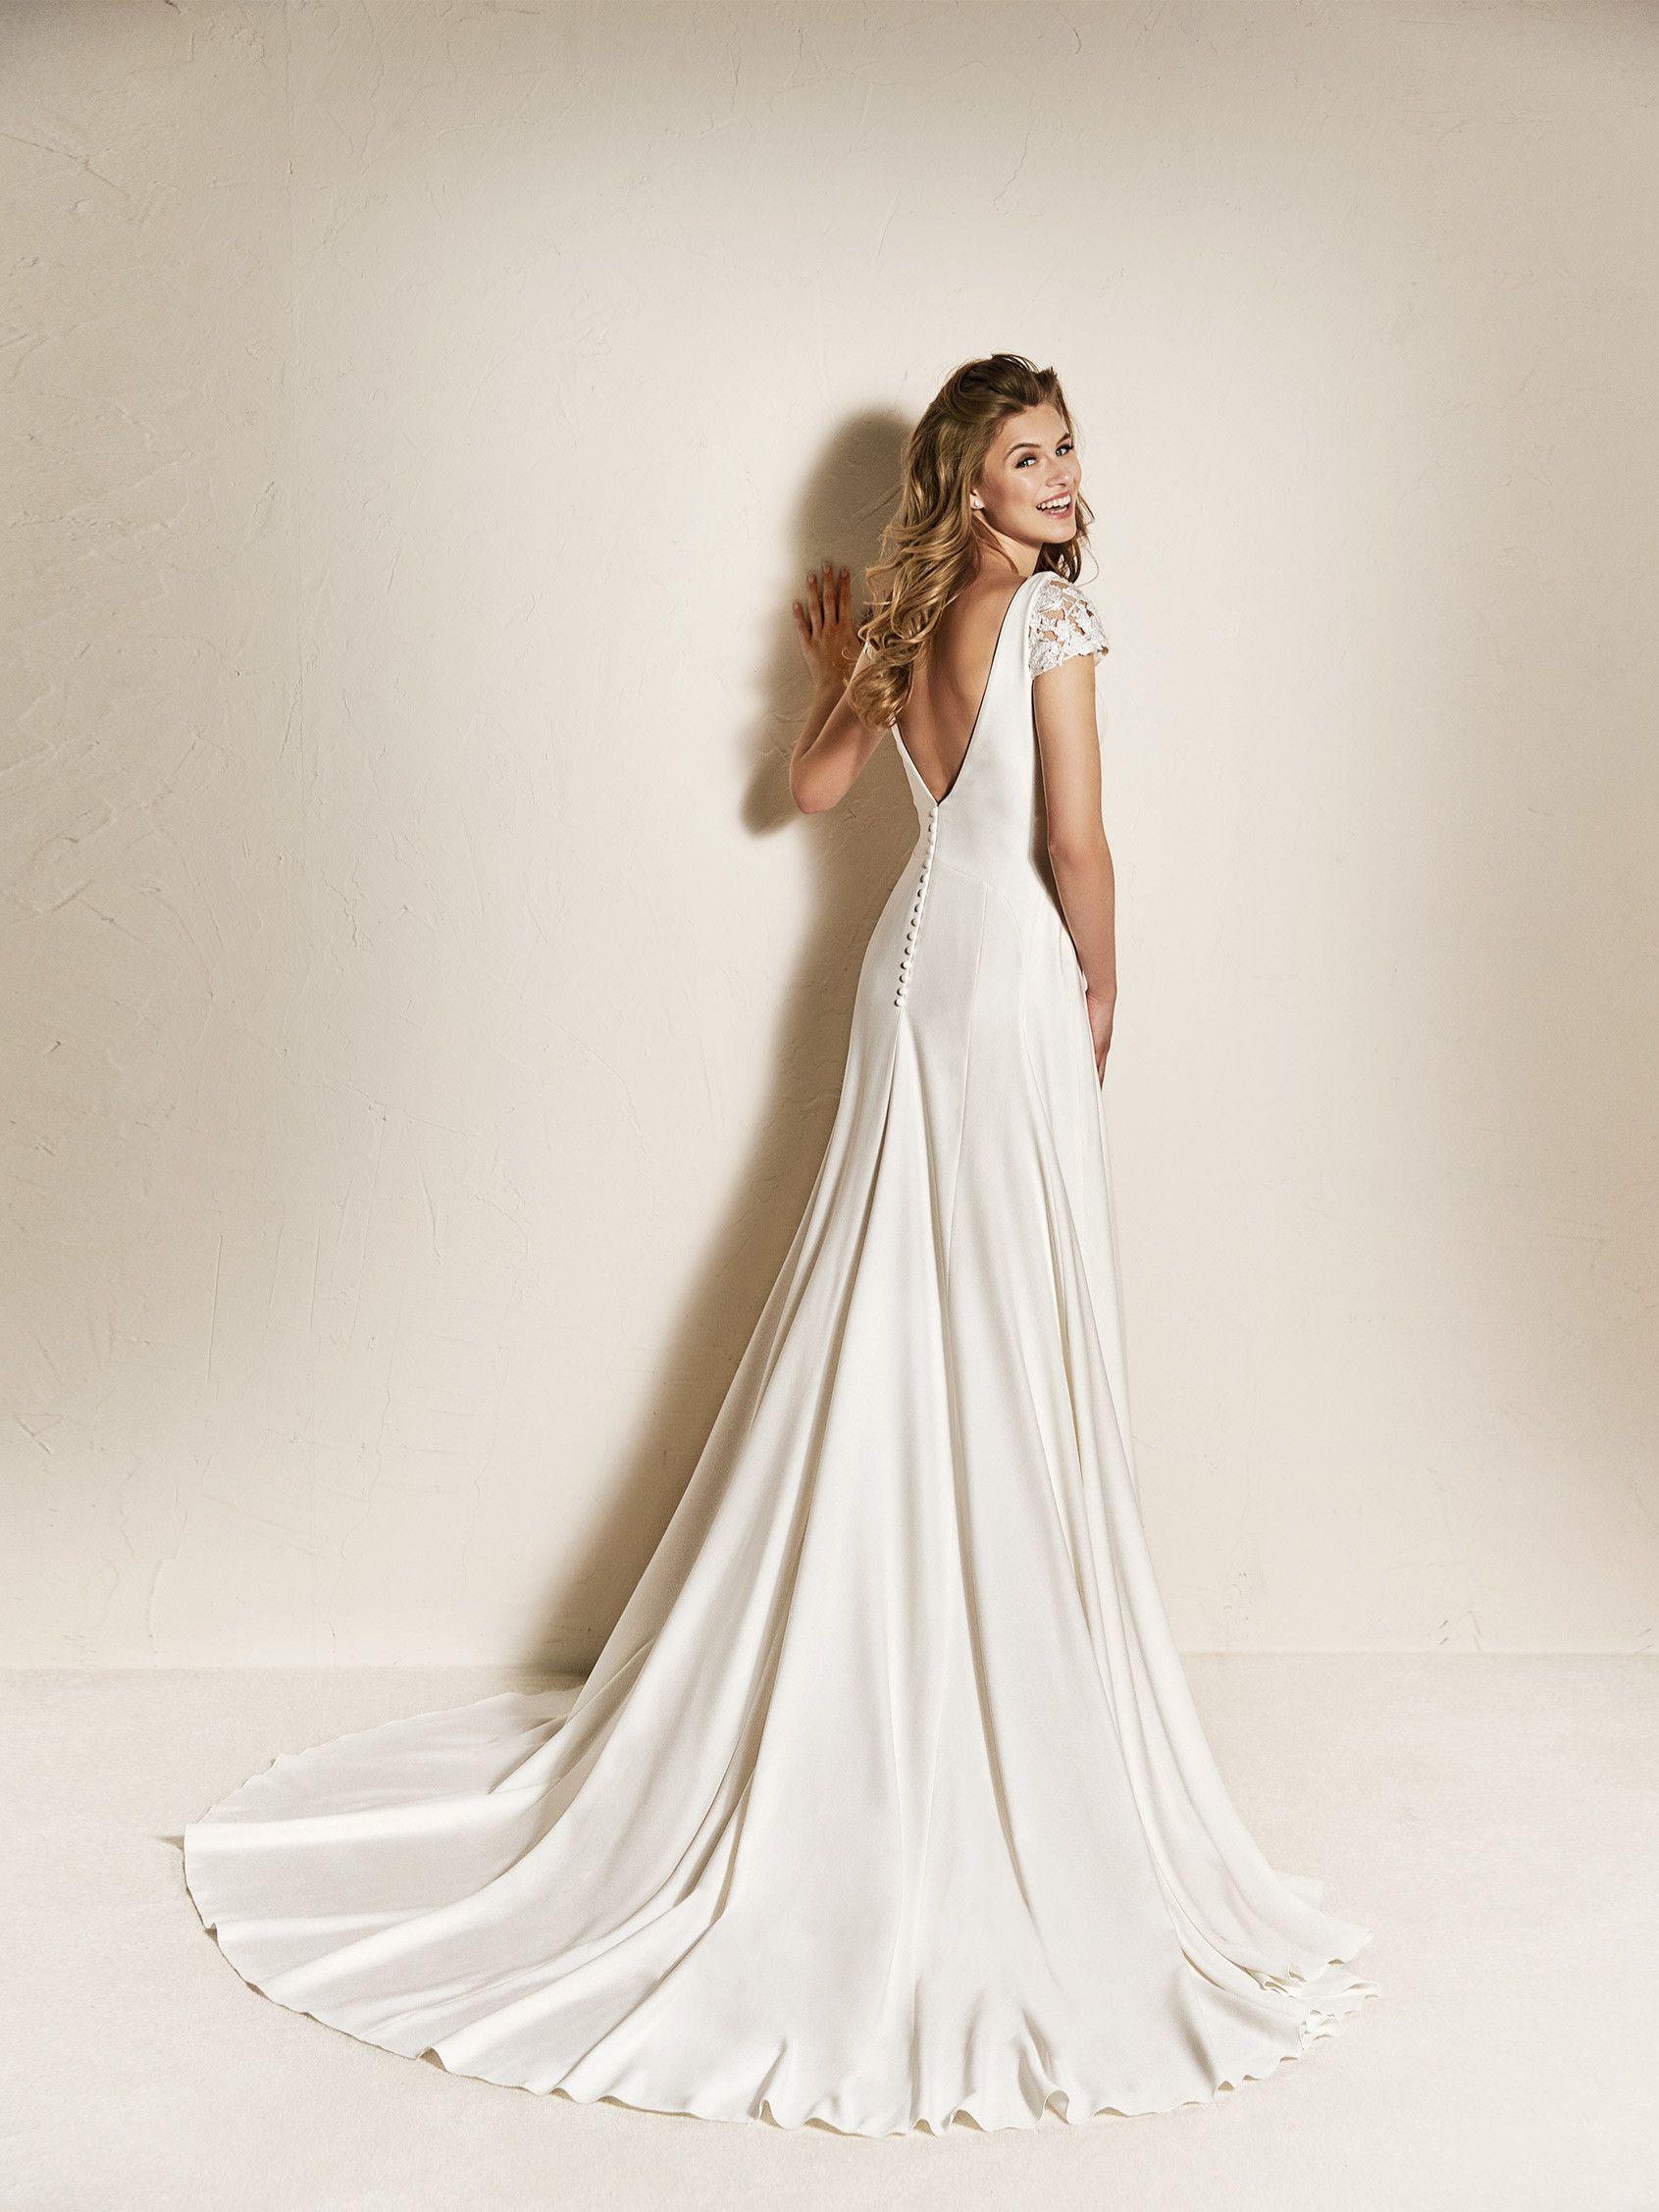 e1afc947c24 Vestido de novia sencillo espalda pico - Colección 2018 Pronovias ...